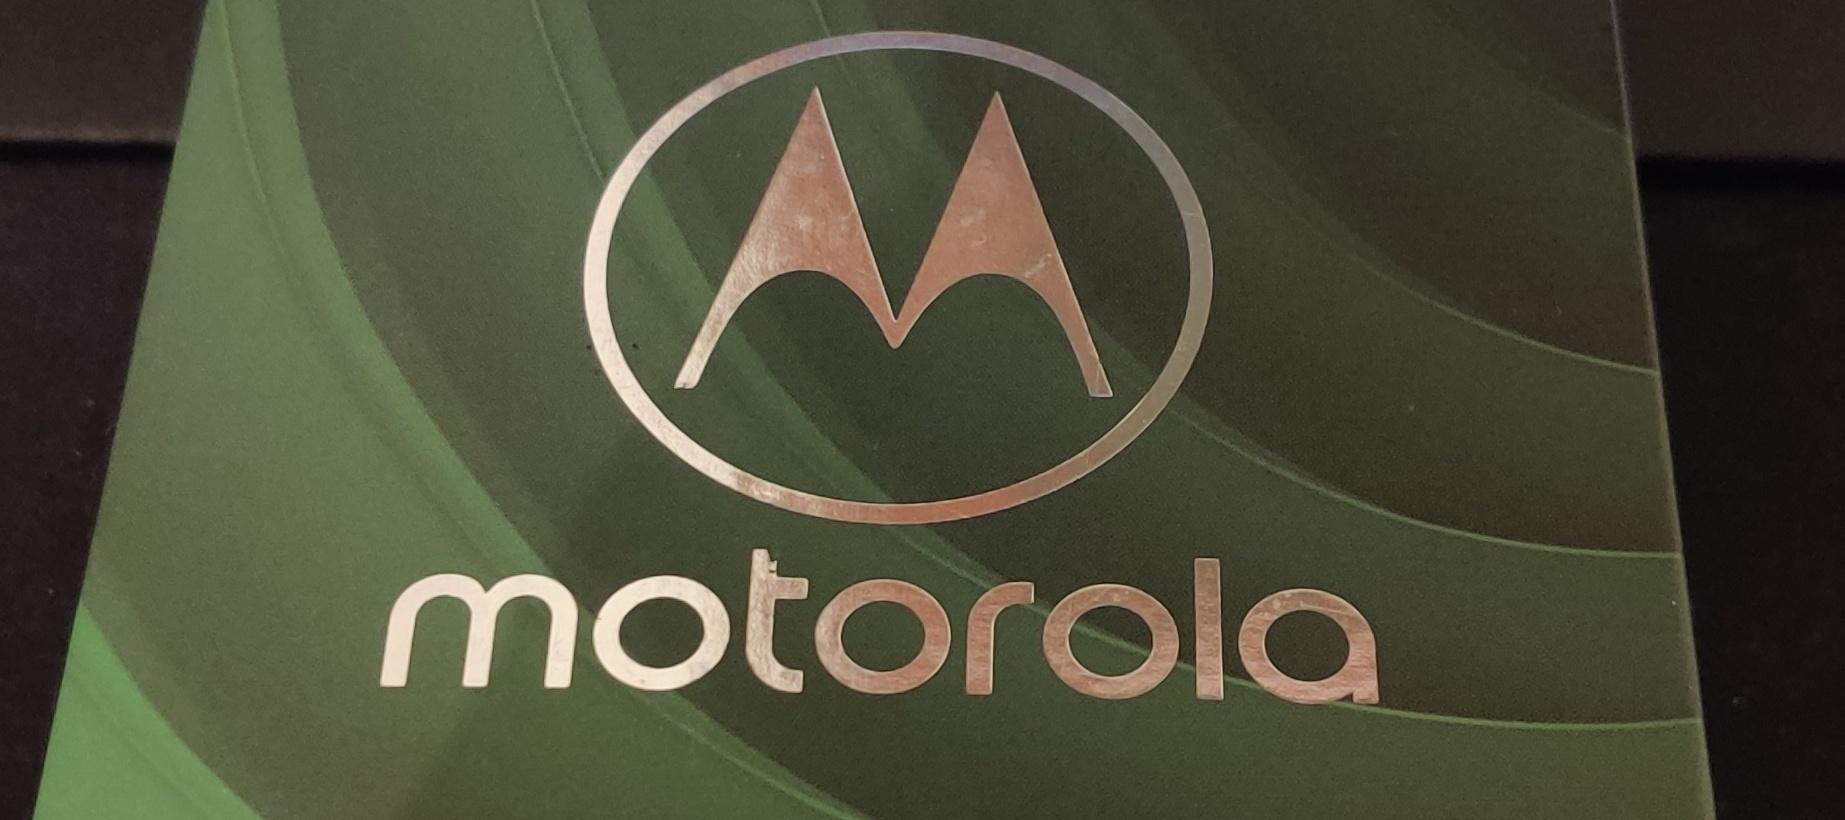 Testbericht zum Motorola Moto G7 Power & Fitbit Versa Special Edition